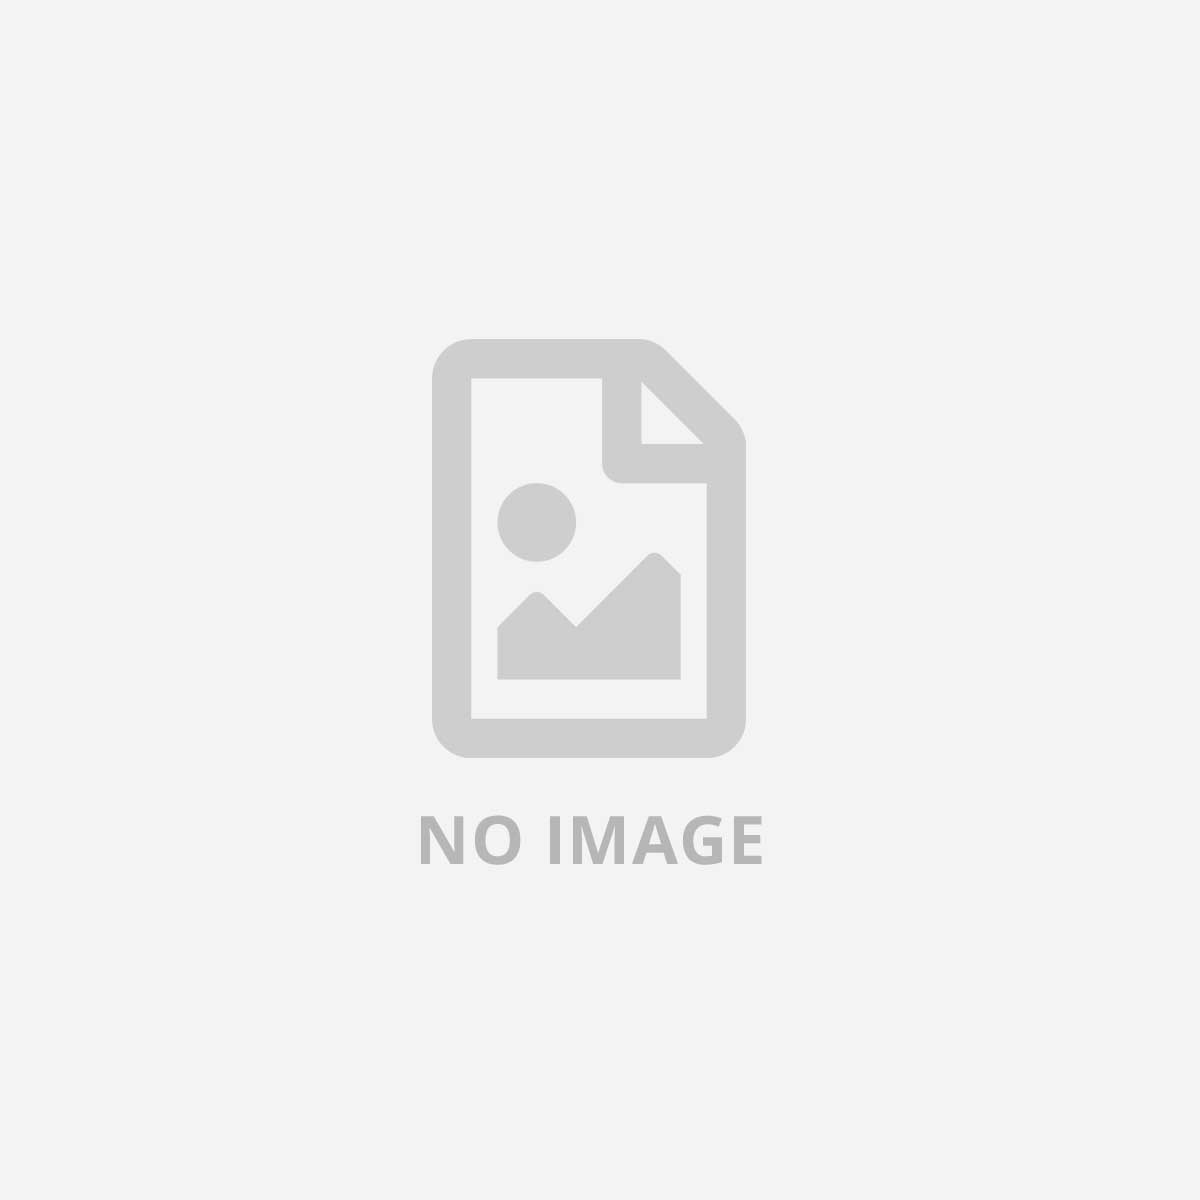 NILOX TELEFONO IP MONO LINEA